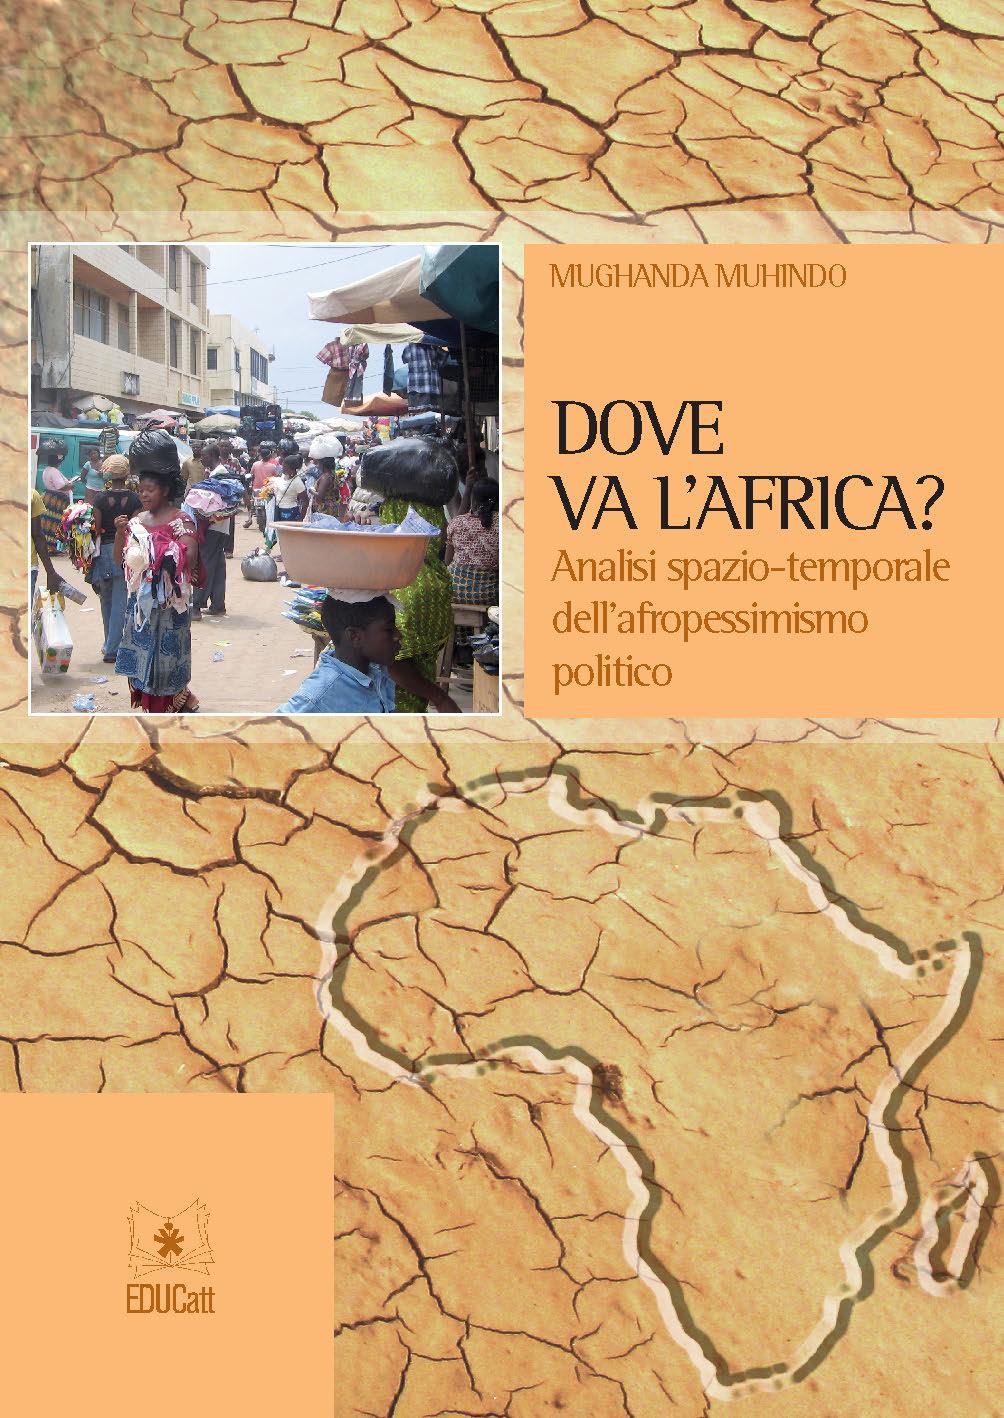 DOVE VA L'AFRICA?